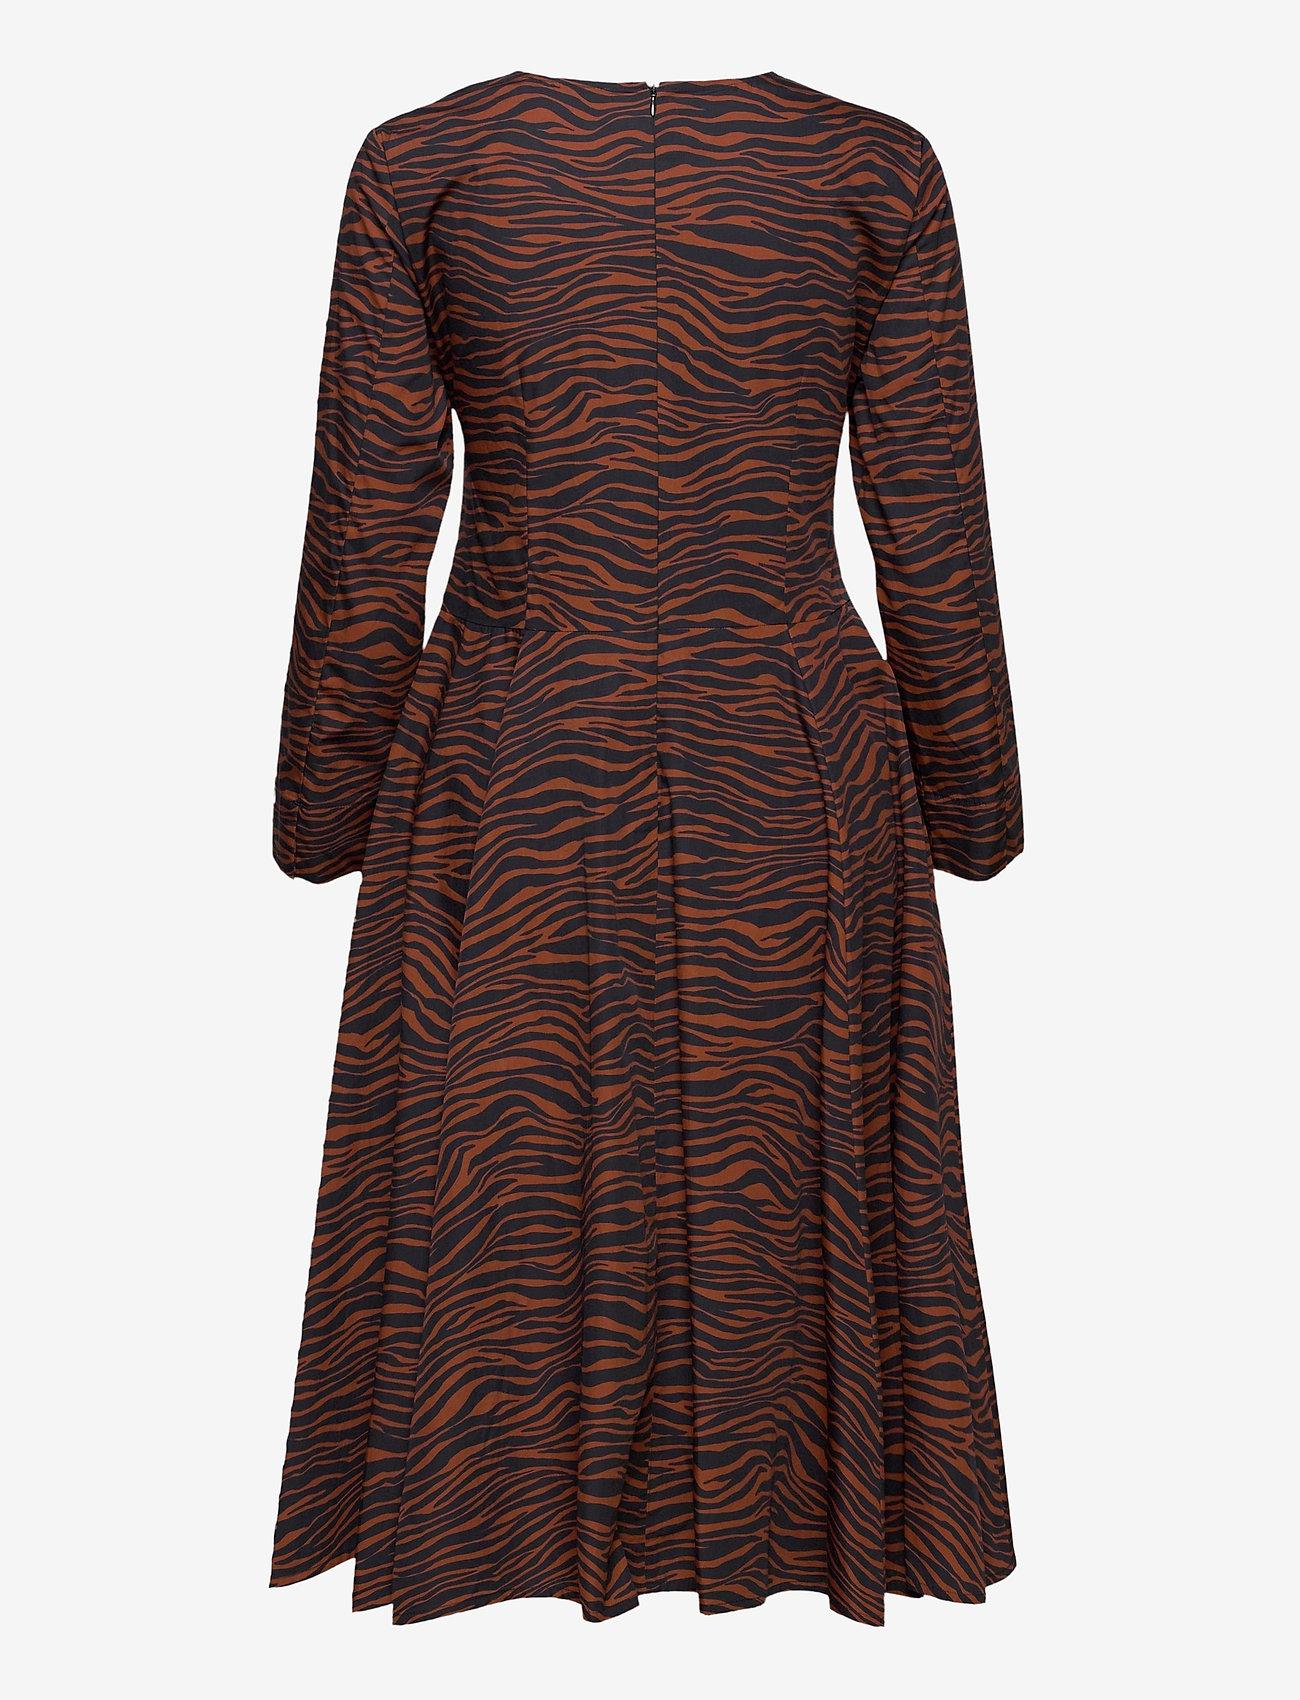 Max&Co. - BANDOLO - alledaagse jurken - brown pattern - 1